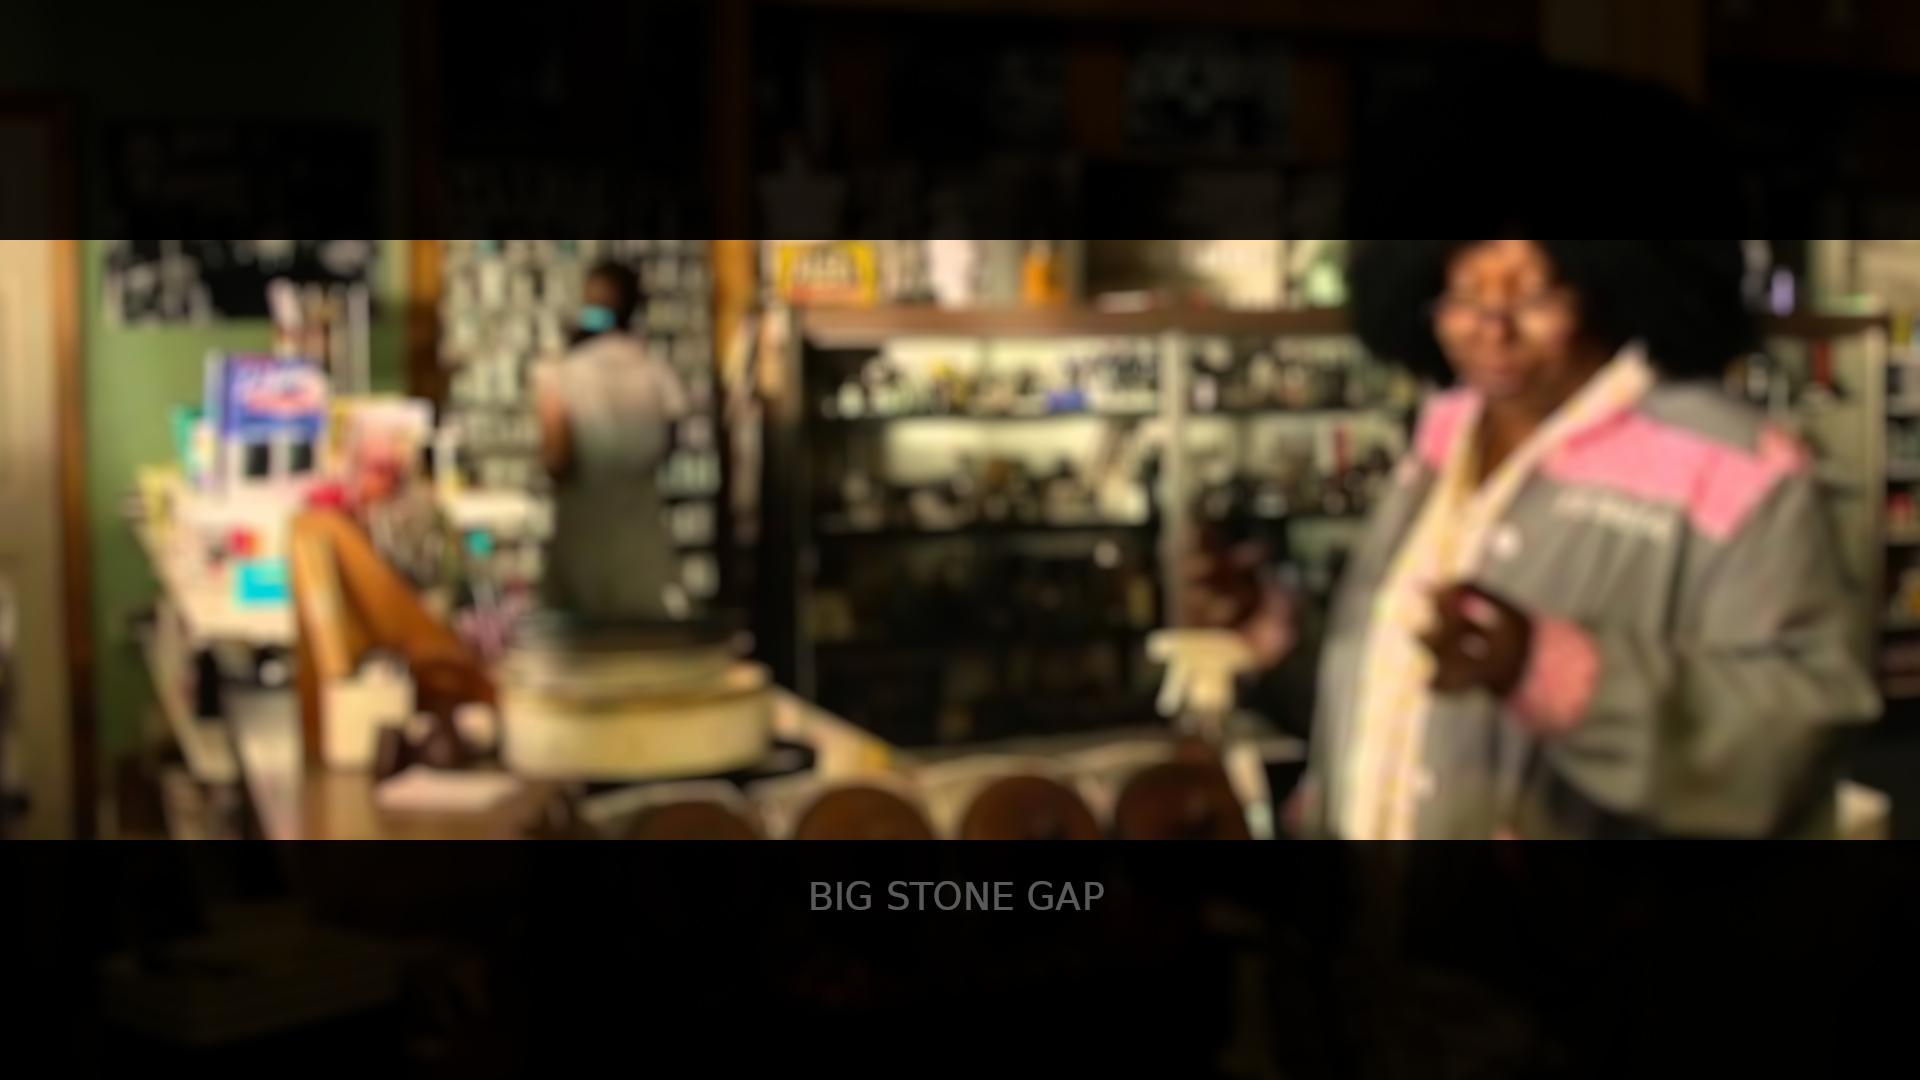 big stone gap 2014 trailer